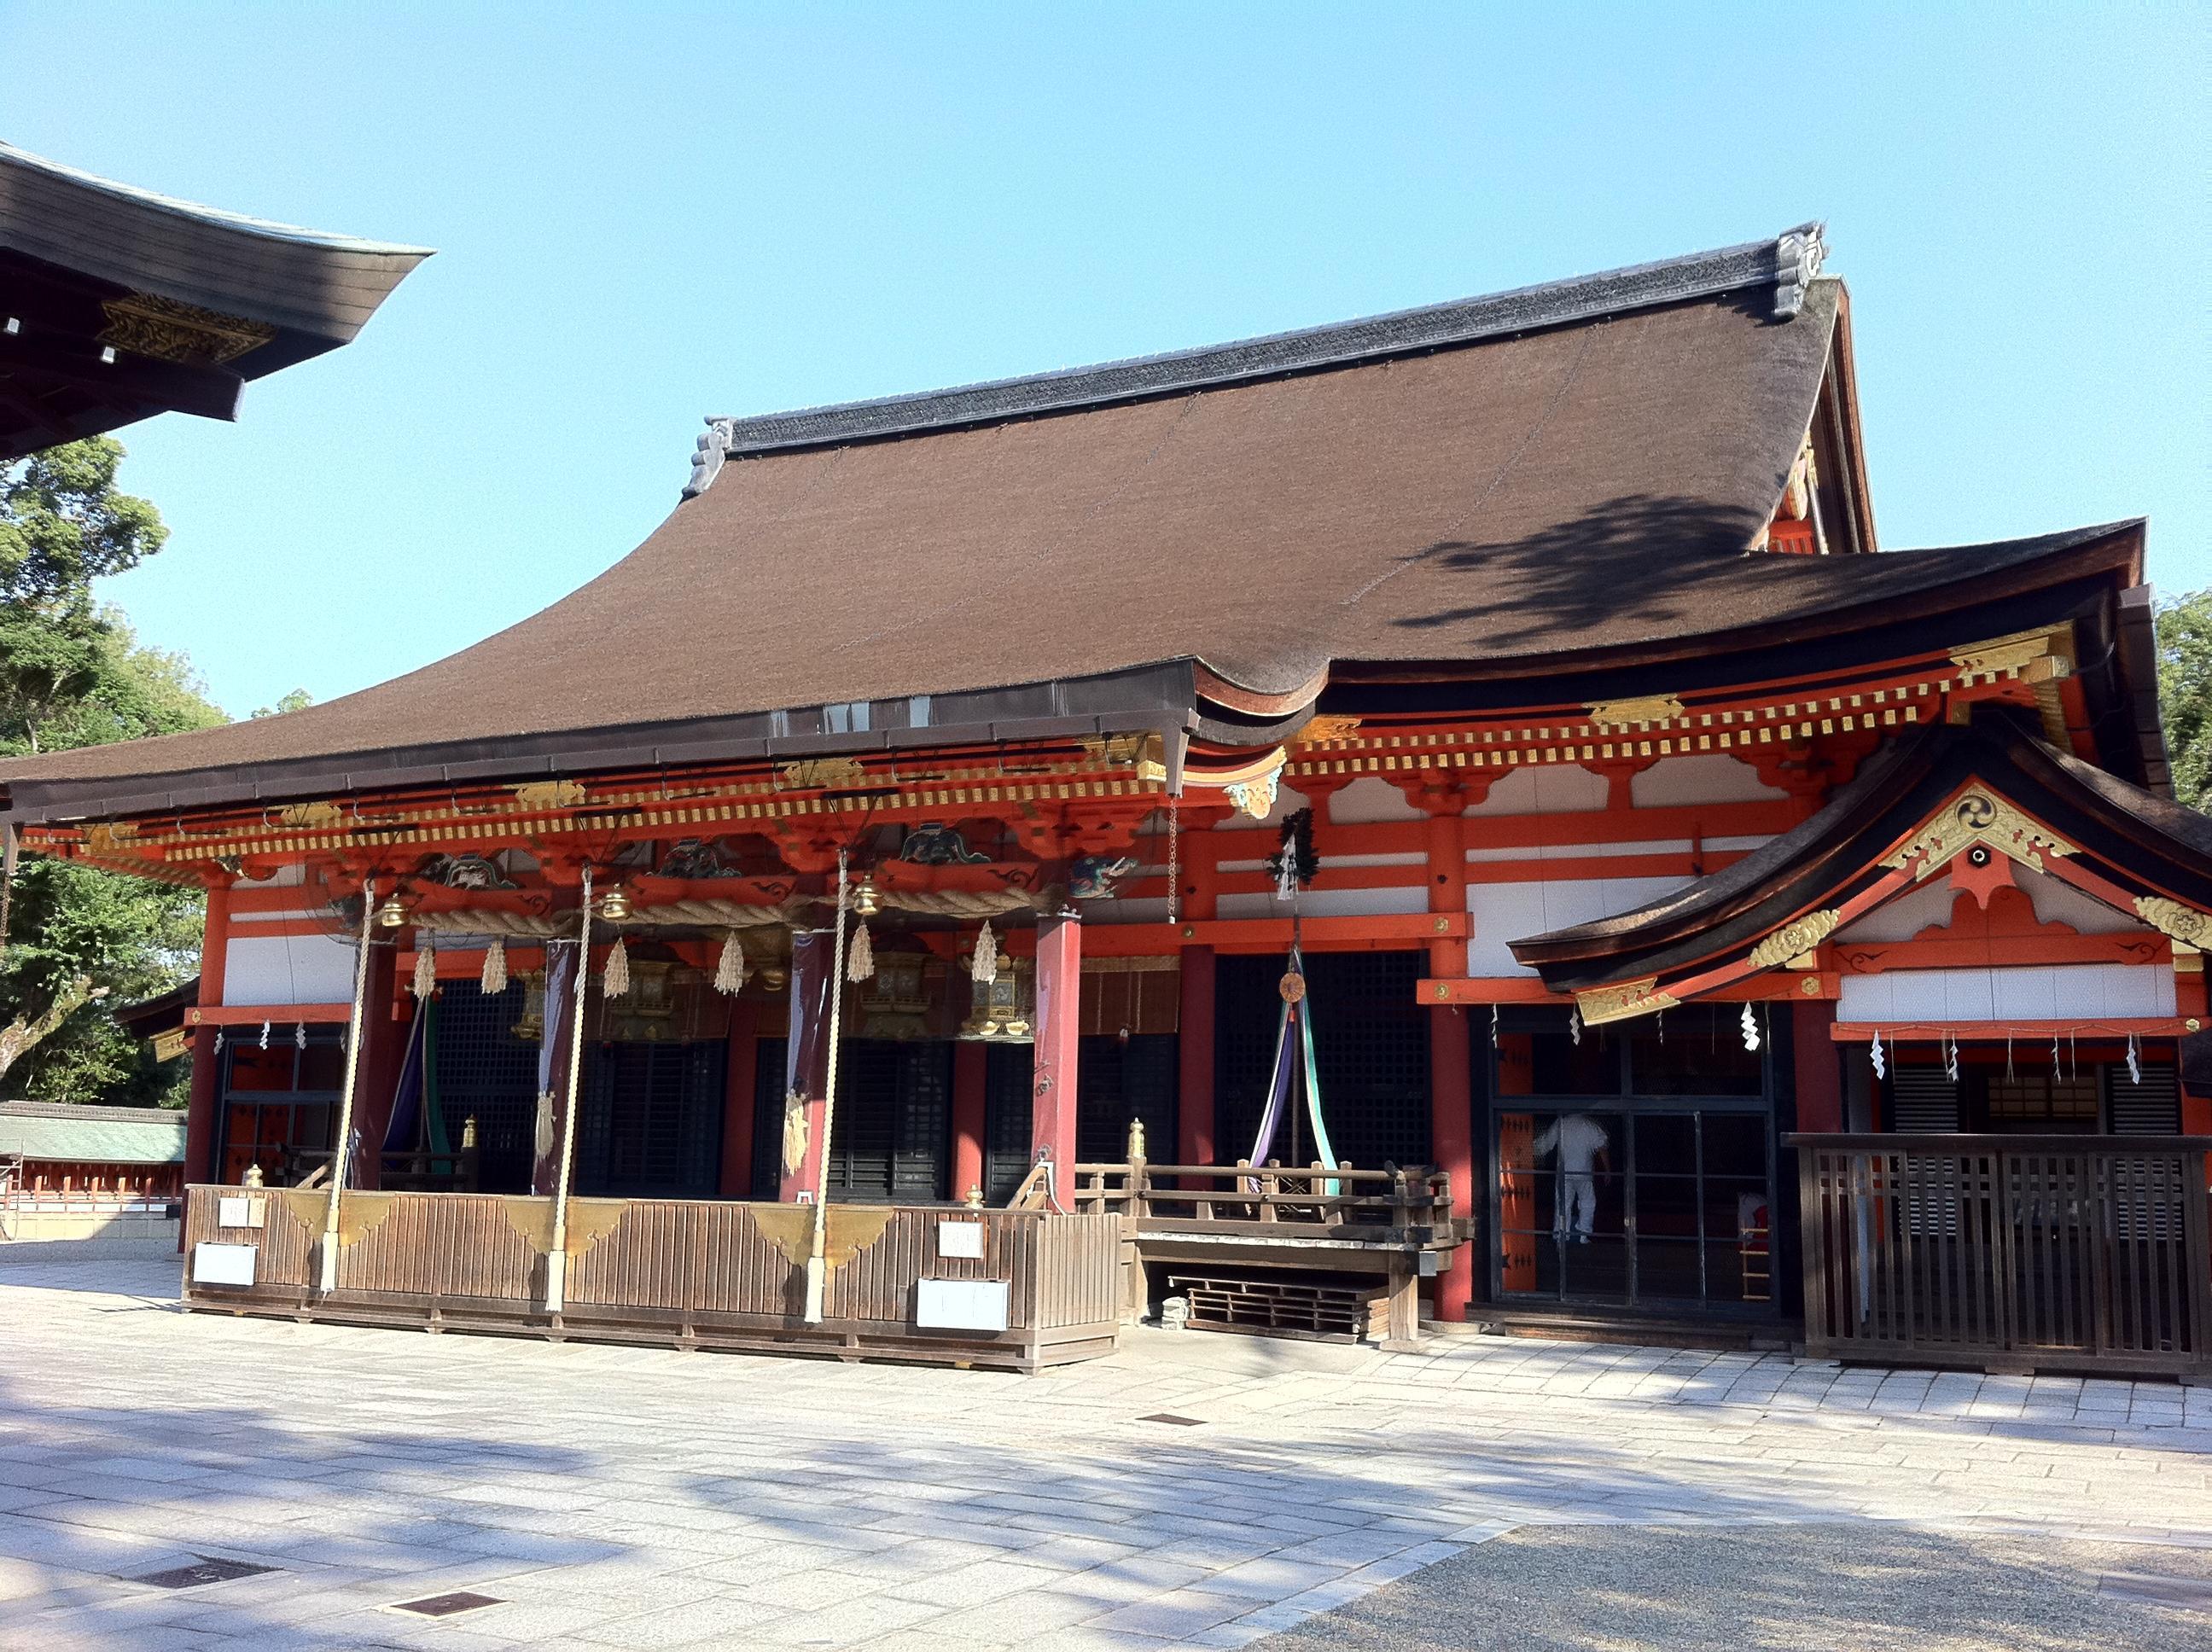 八坂神社(祇園さん)の本殿